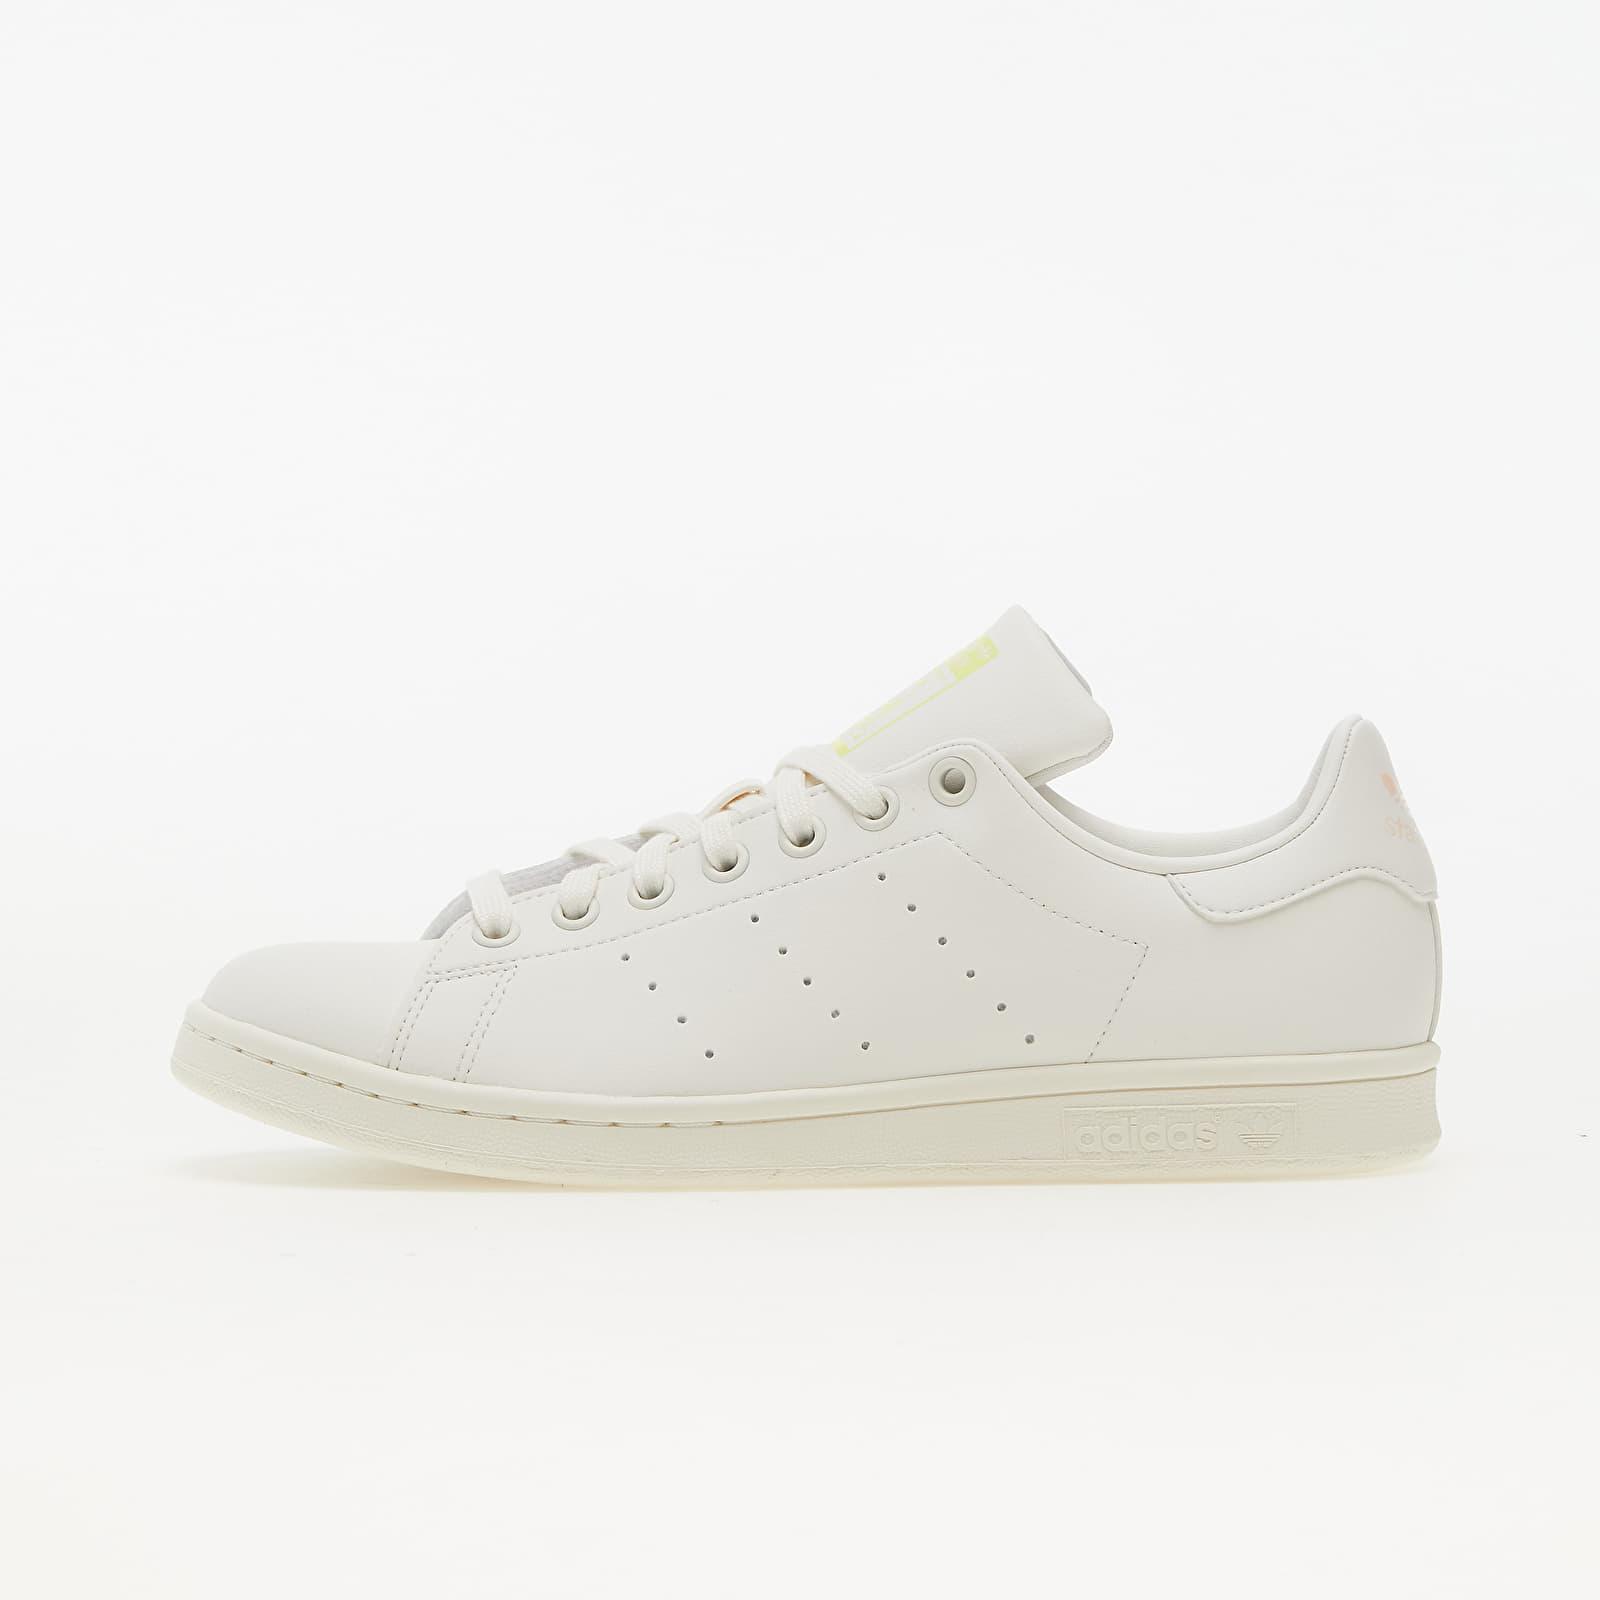 adidas Stan Smith W Cloud White/ Off White/ Pink Tint GZ7059